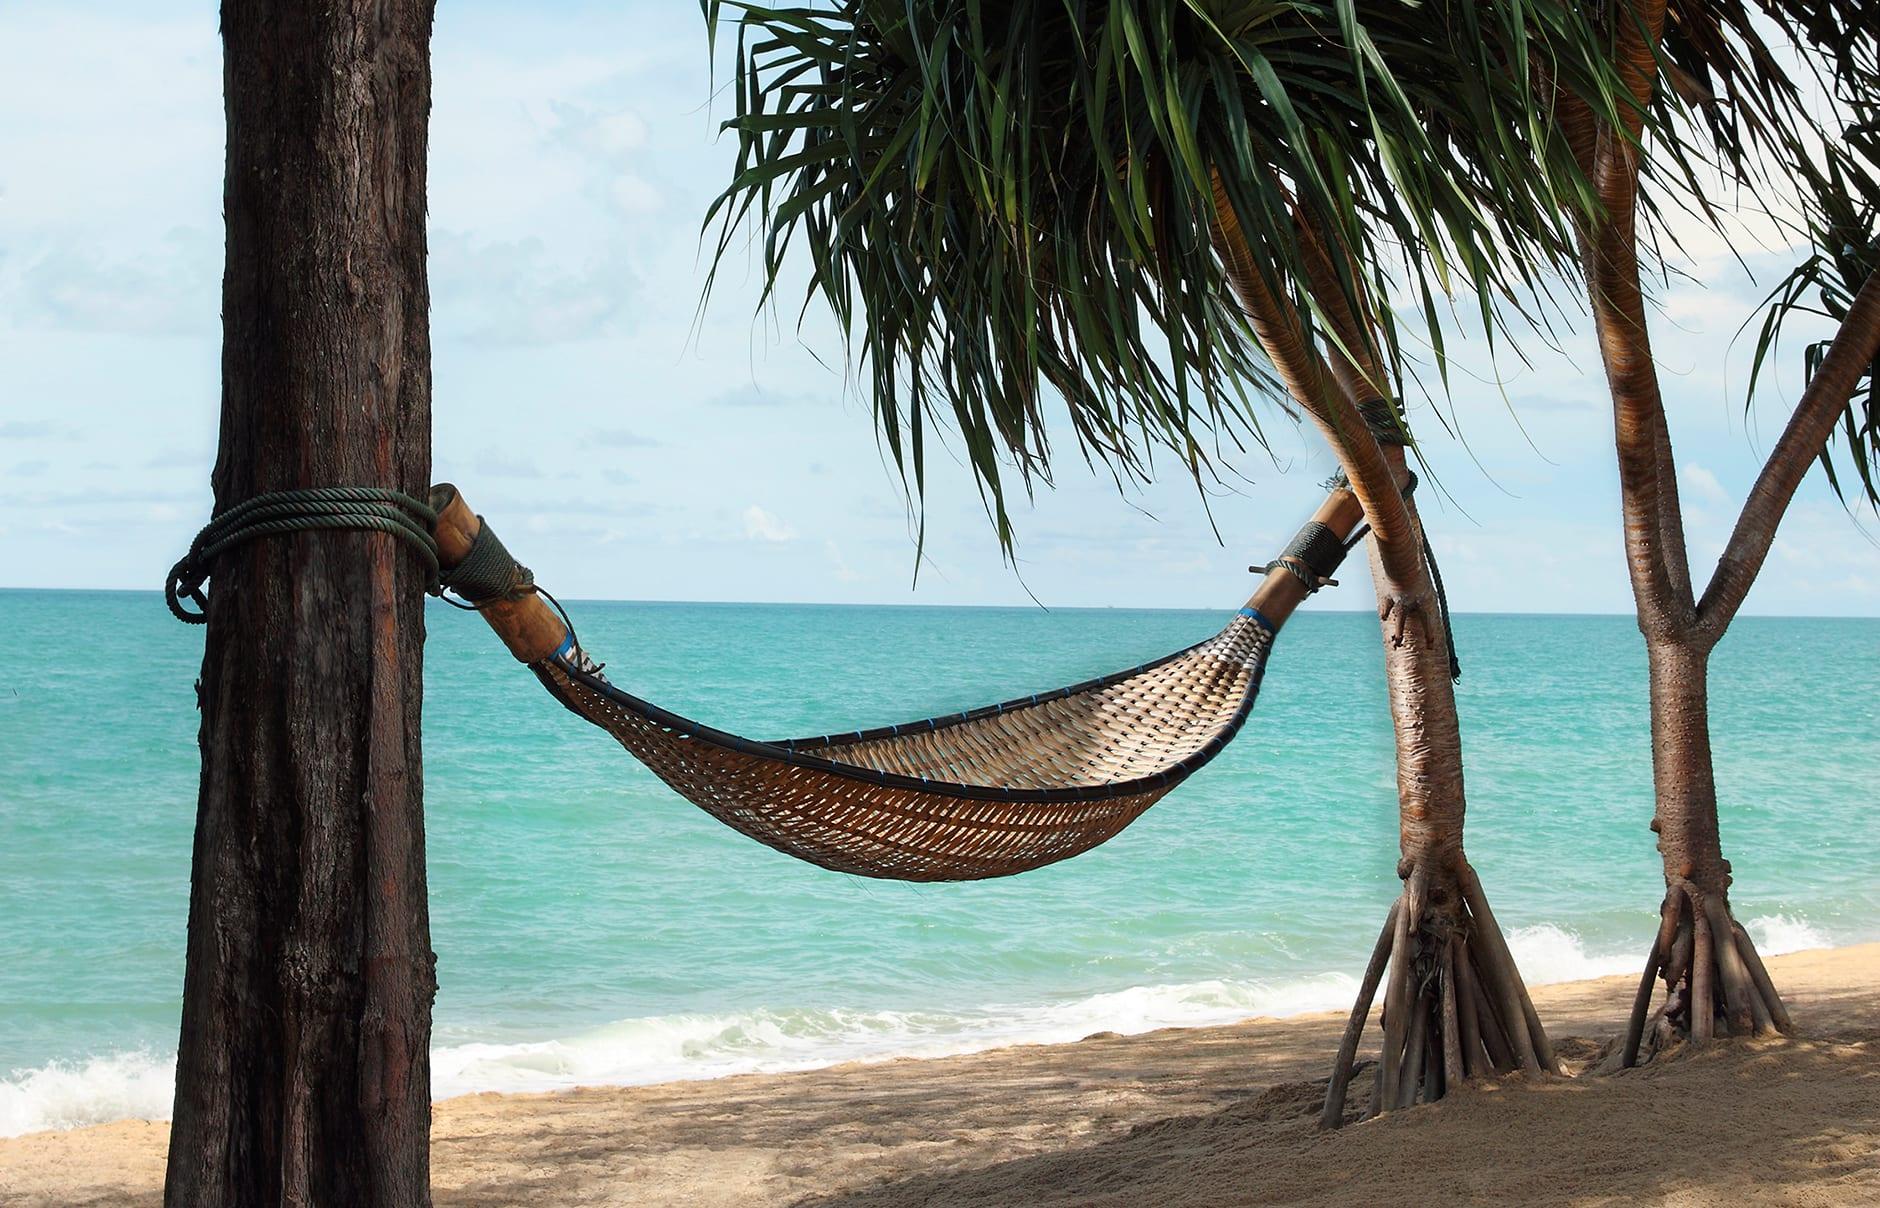 Hammock by the sea. Anantara Phuket Villas, Thailand. © Anantara Hotels, Resorts & Spa